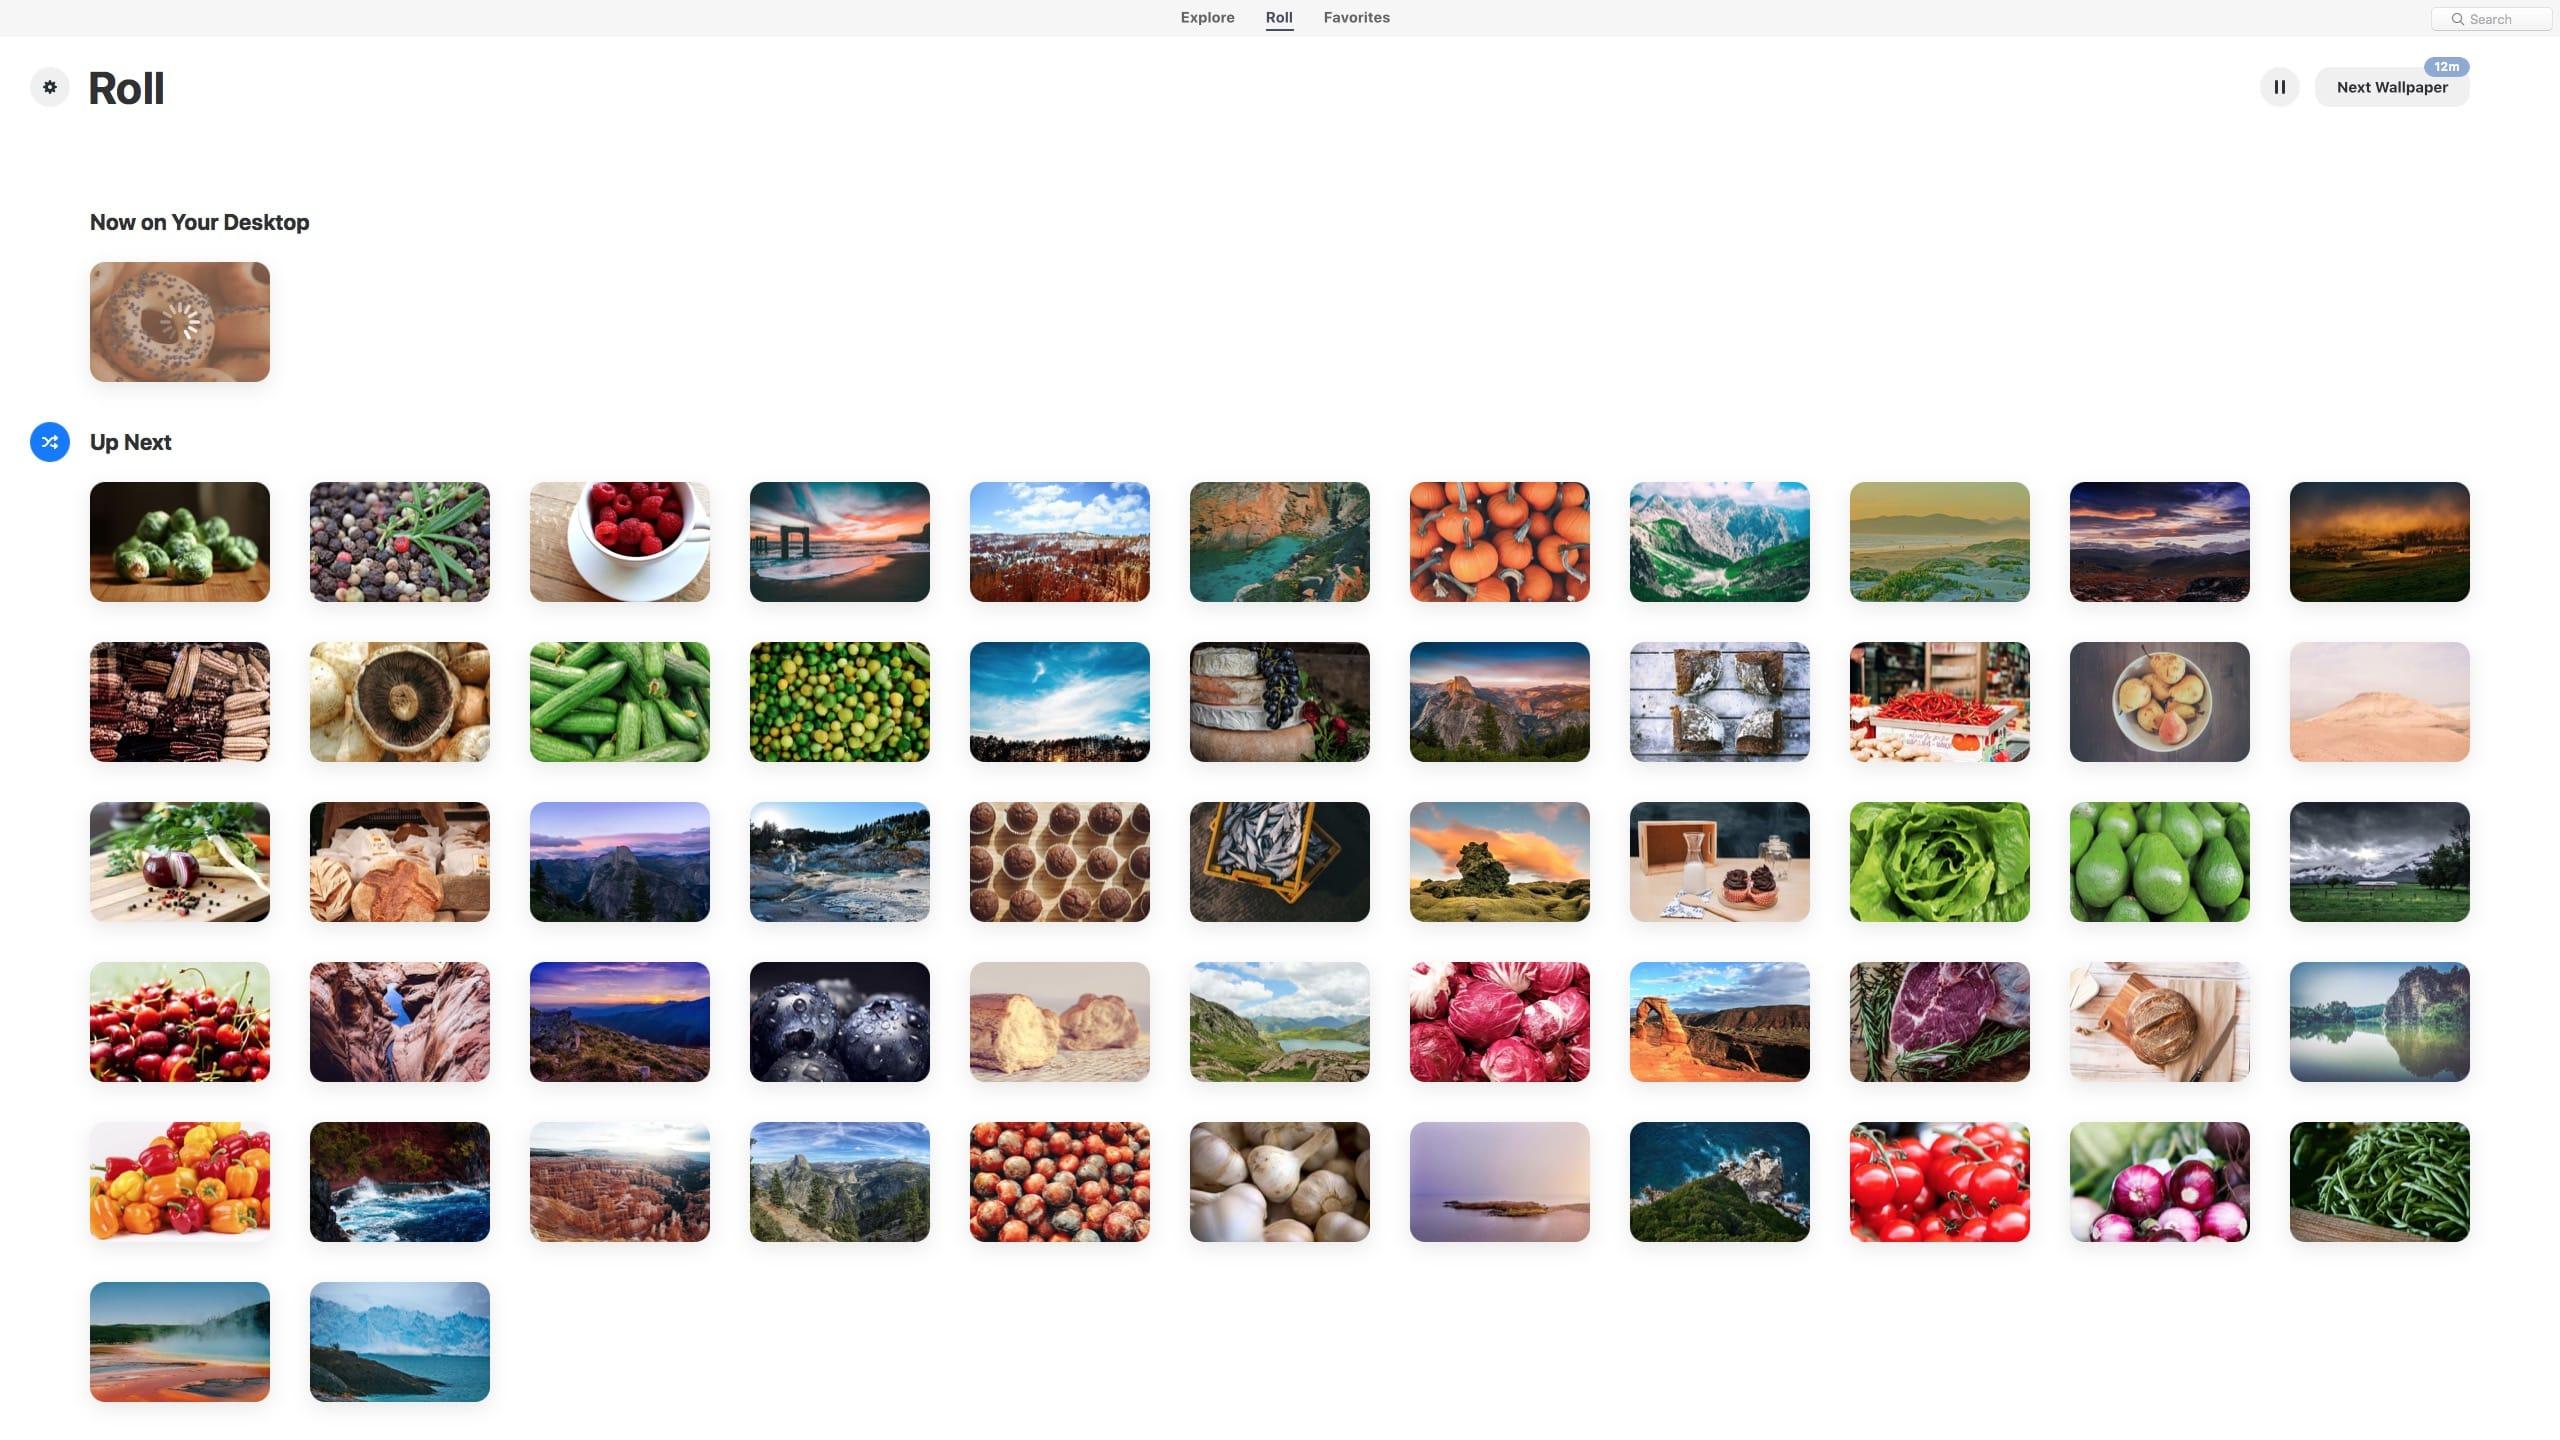 fond décran macbook pro retina